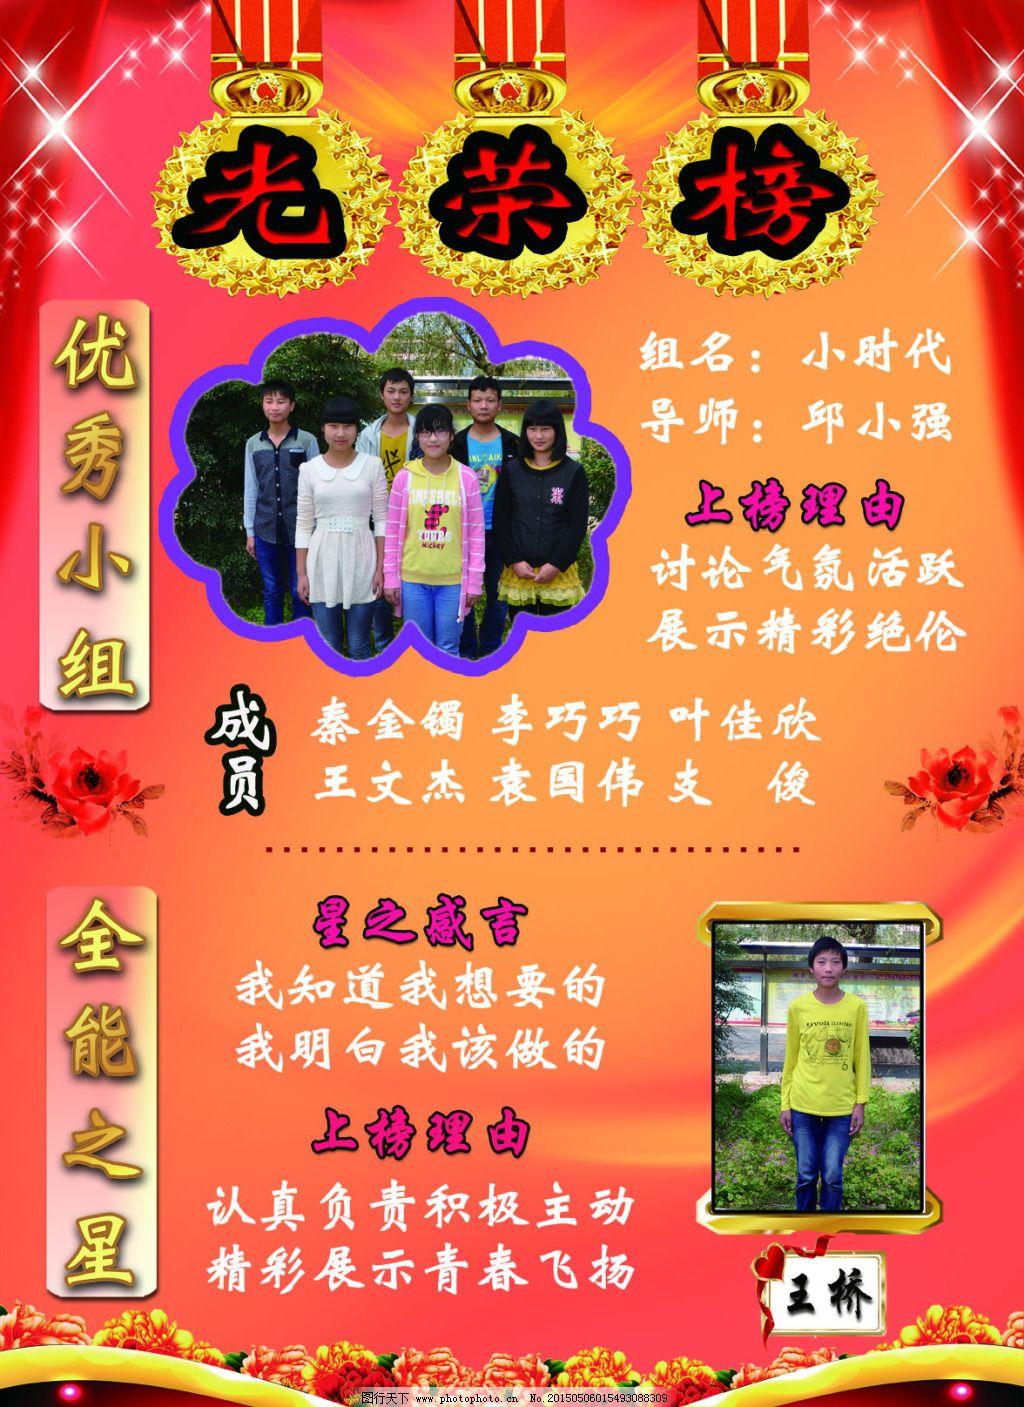 光荣榜 光荣榜免费下载 学校优秀小组表彰 学校全能之星 高效课堂展板